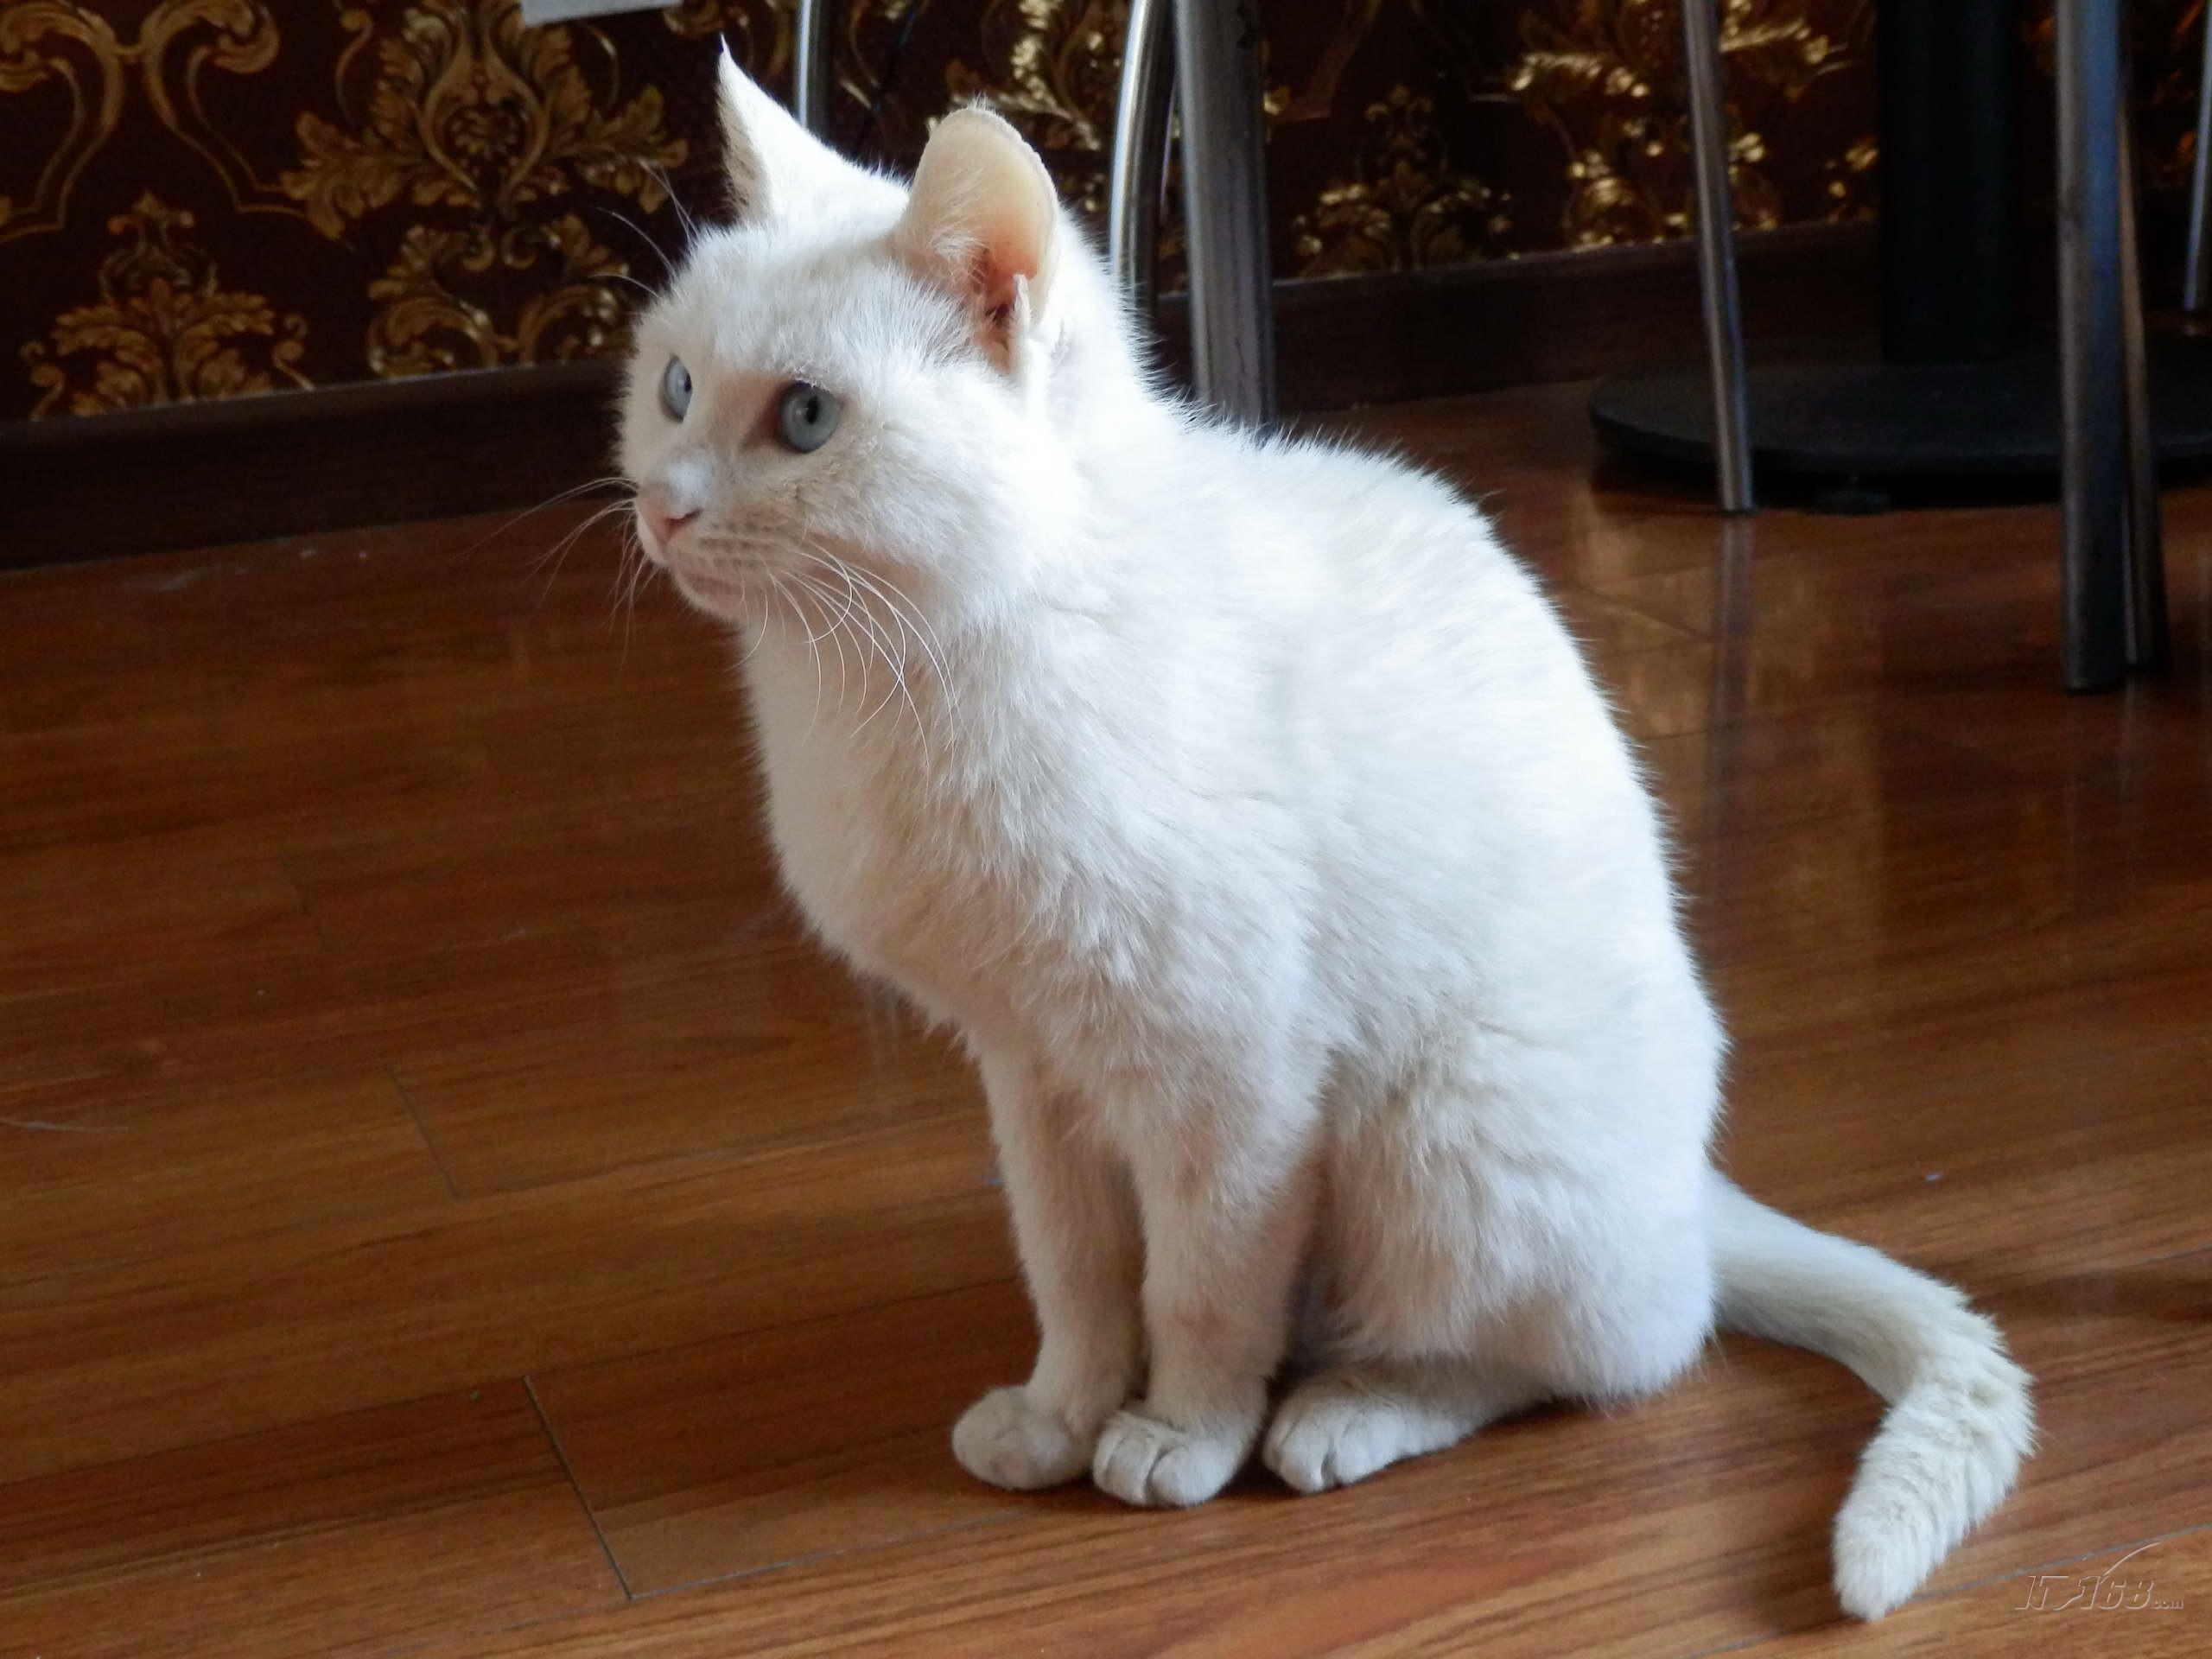 壁纸 动物 狗 狗狗 猫 猫咪 小猫 桌面 2560_1920